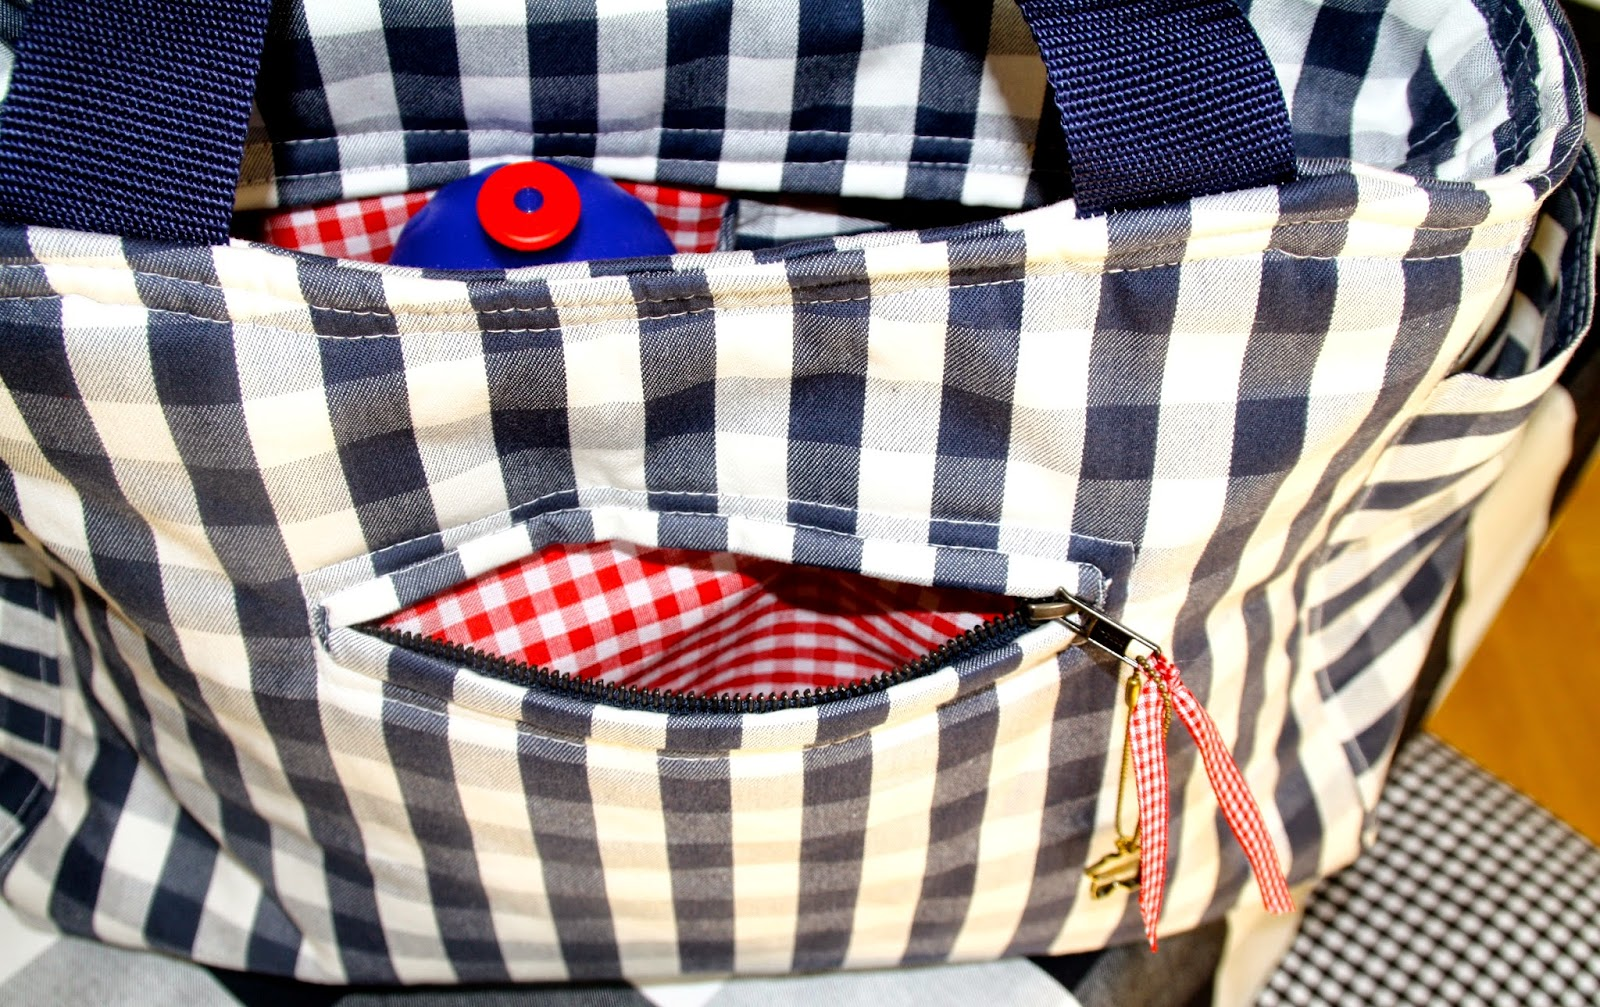 margareteshandmadebox gro e tasche nach maina brumpton ist fertig zum verschenken. Black Bedroom Furniture Sets. Home Design Ideas